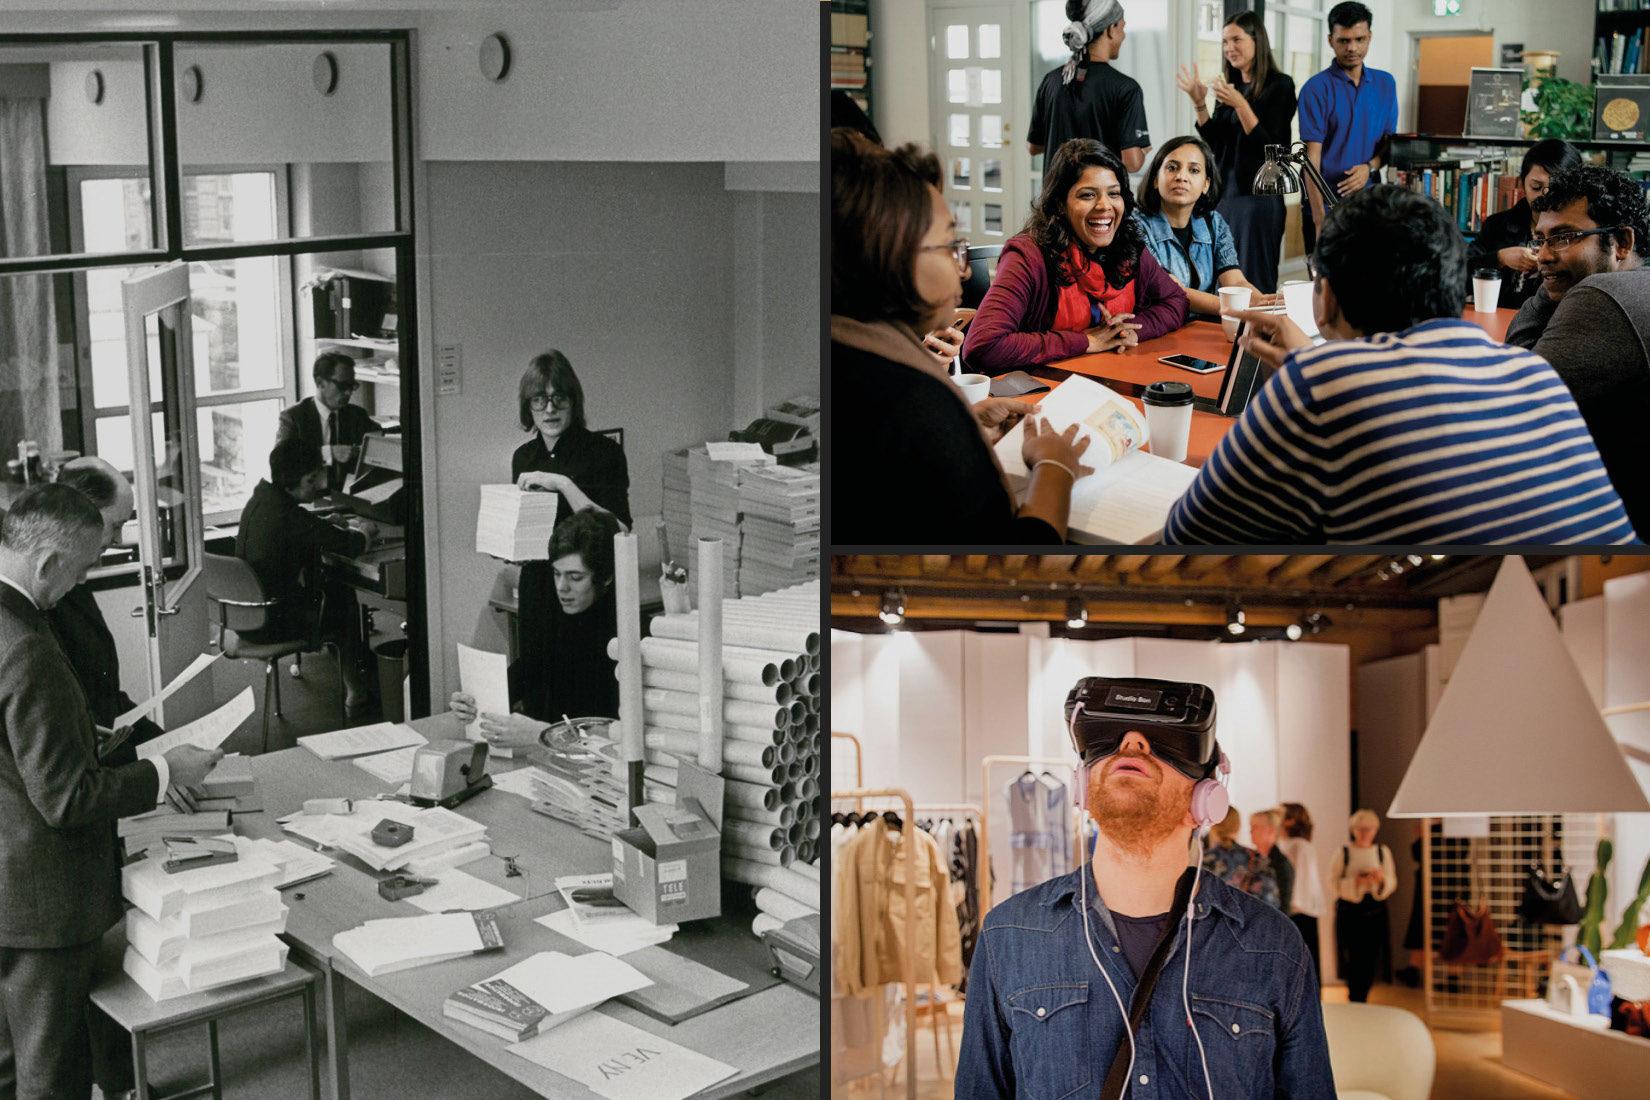 Tre bilder som illustrerar SI genom åren. Den första från 60-talet i svartvitt, de två andra i färg visar några studenter samt en man med VR-glasögon.